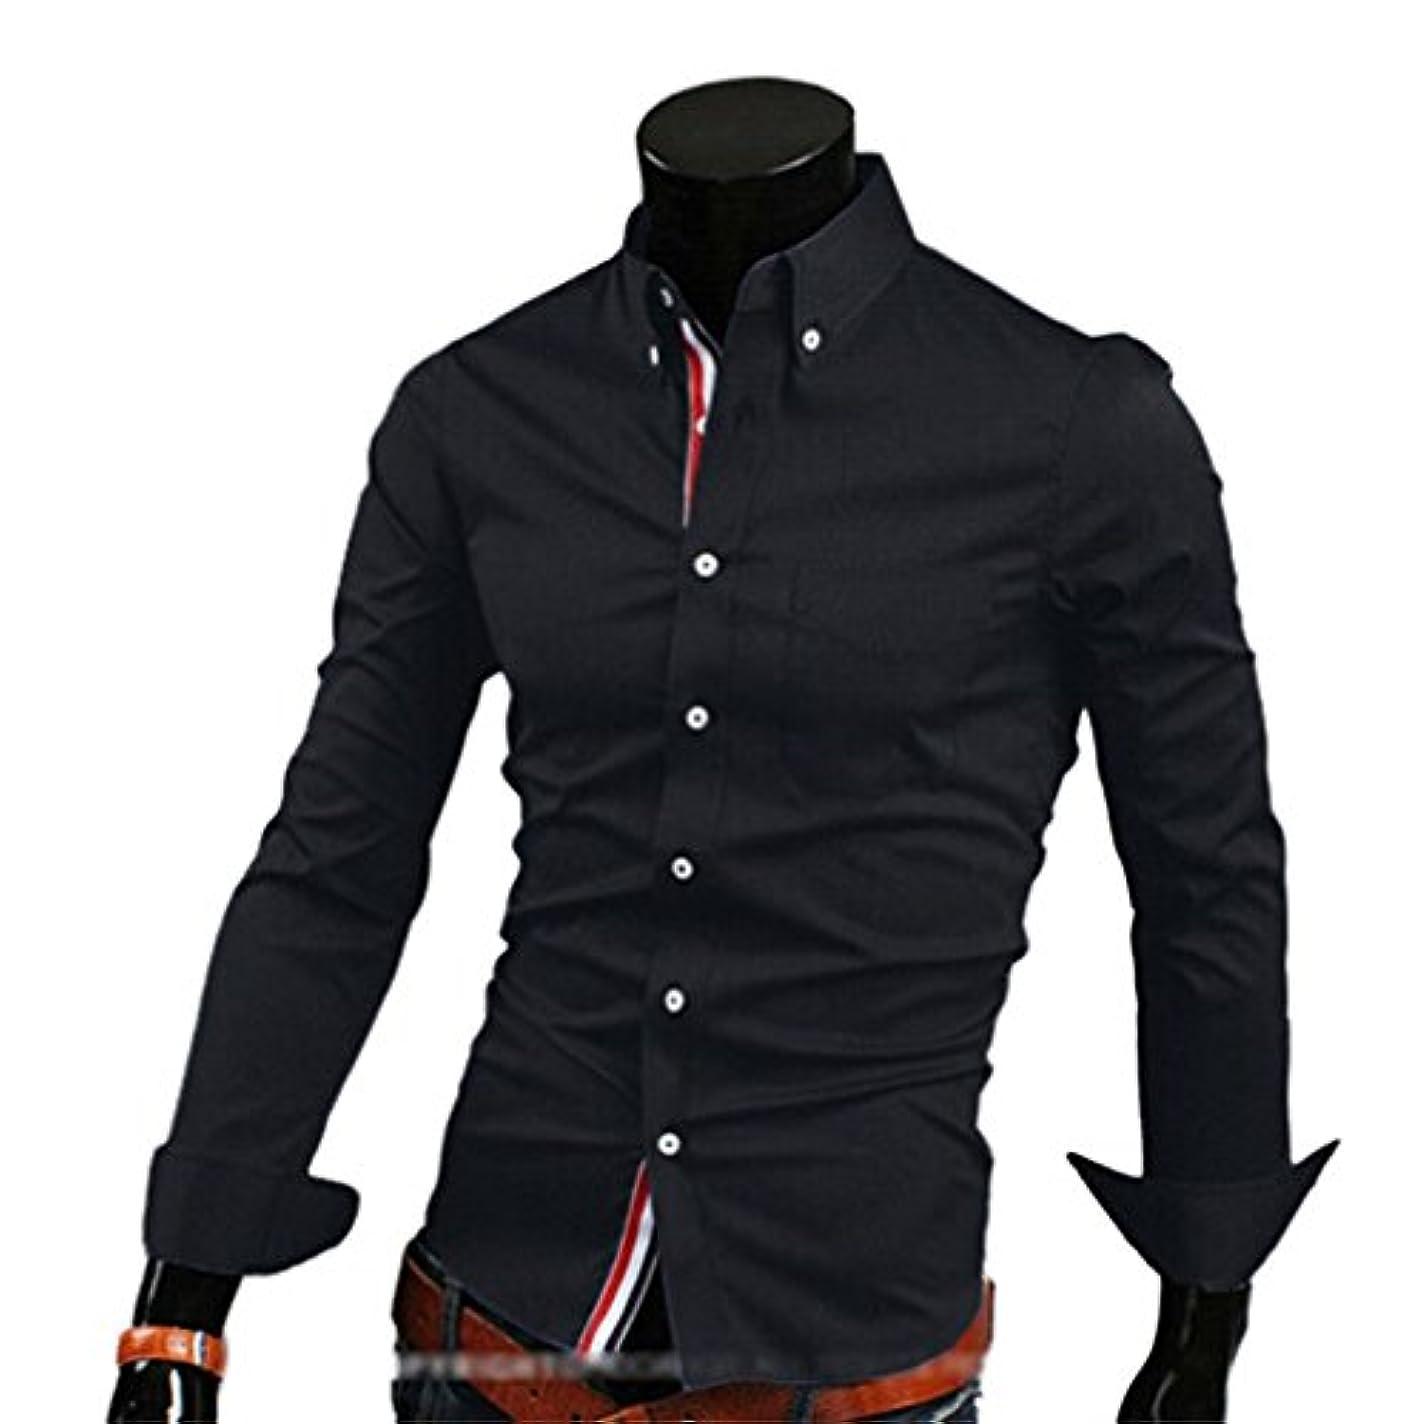 遺産呼ぶ角度Honghu メンズ シャツ 長袖  カジュアル織テープ シンプル ブラック 2XL 1PC